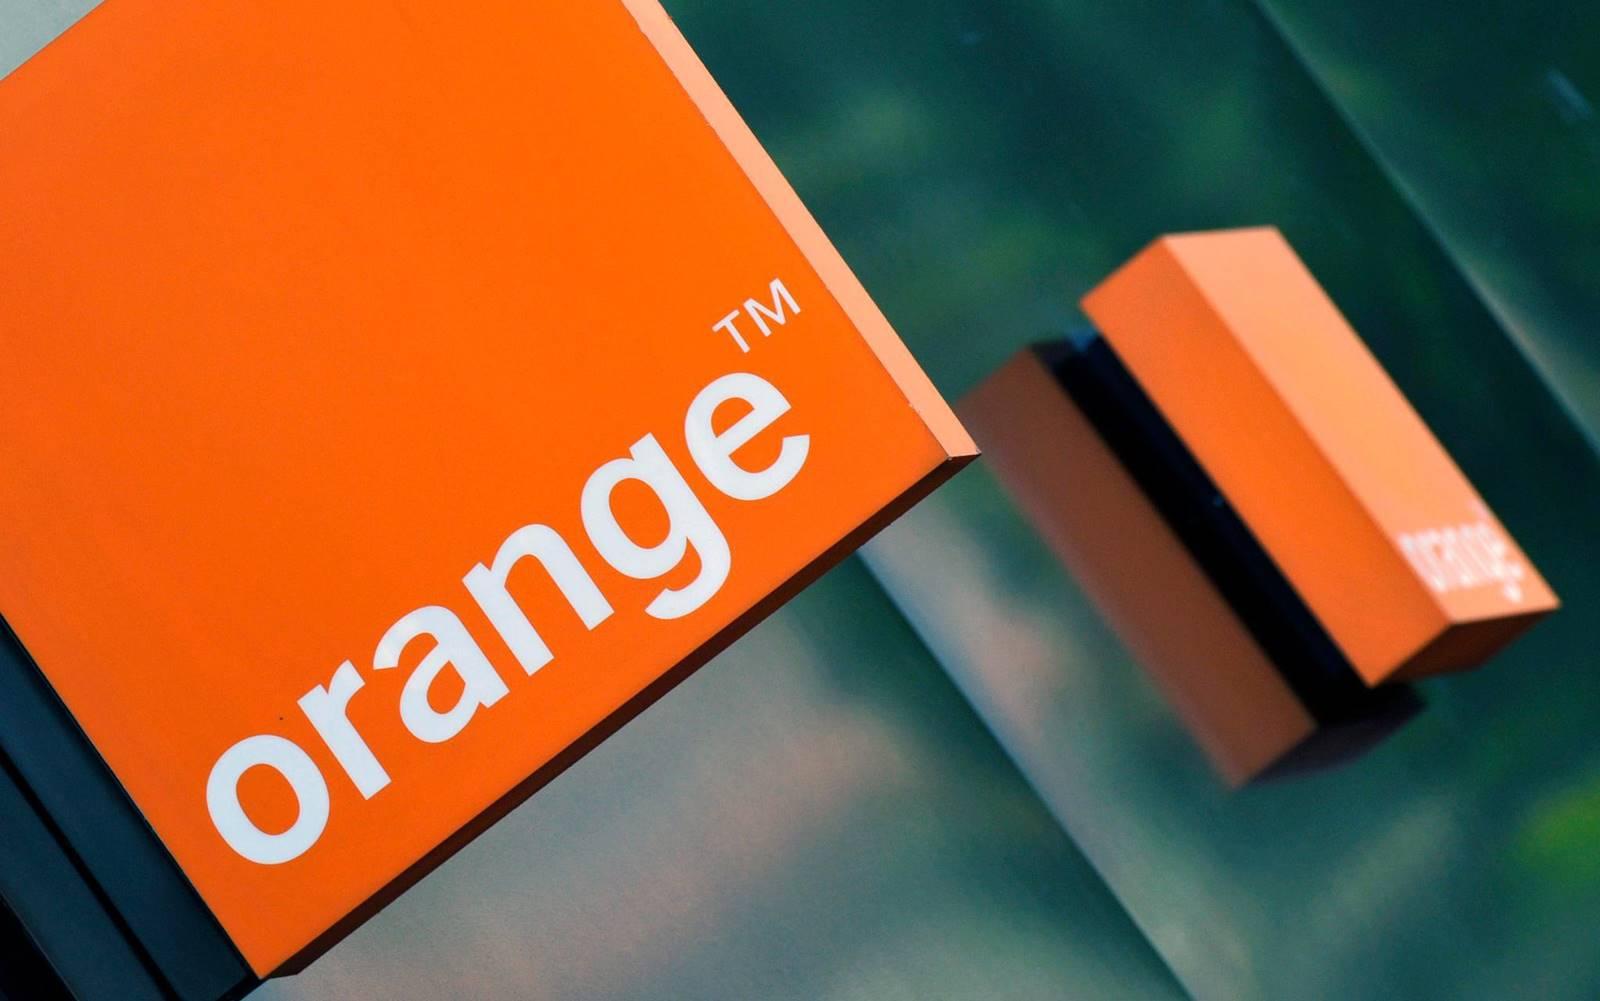 Orange promotional